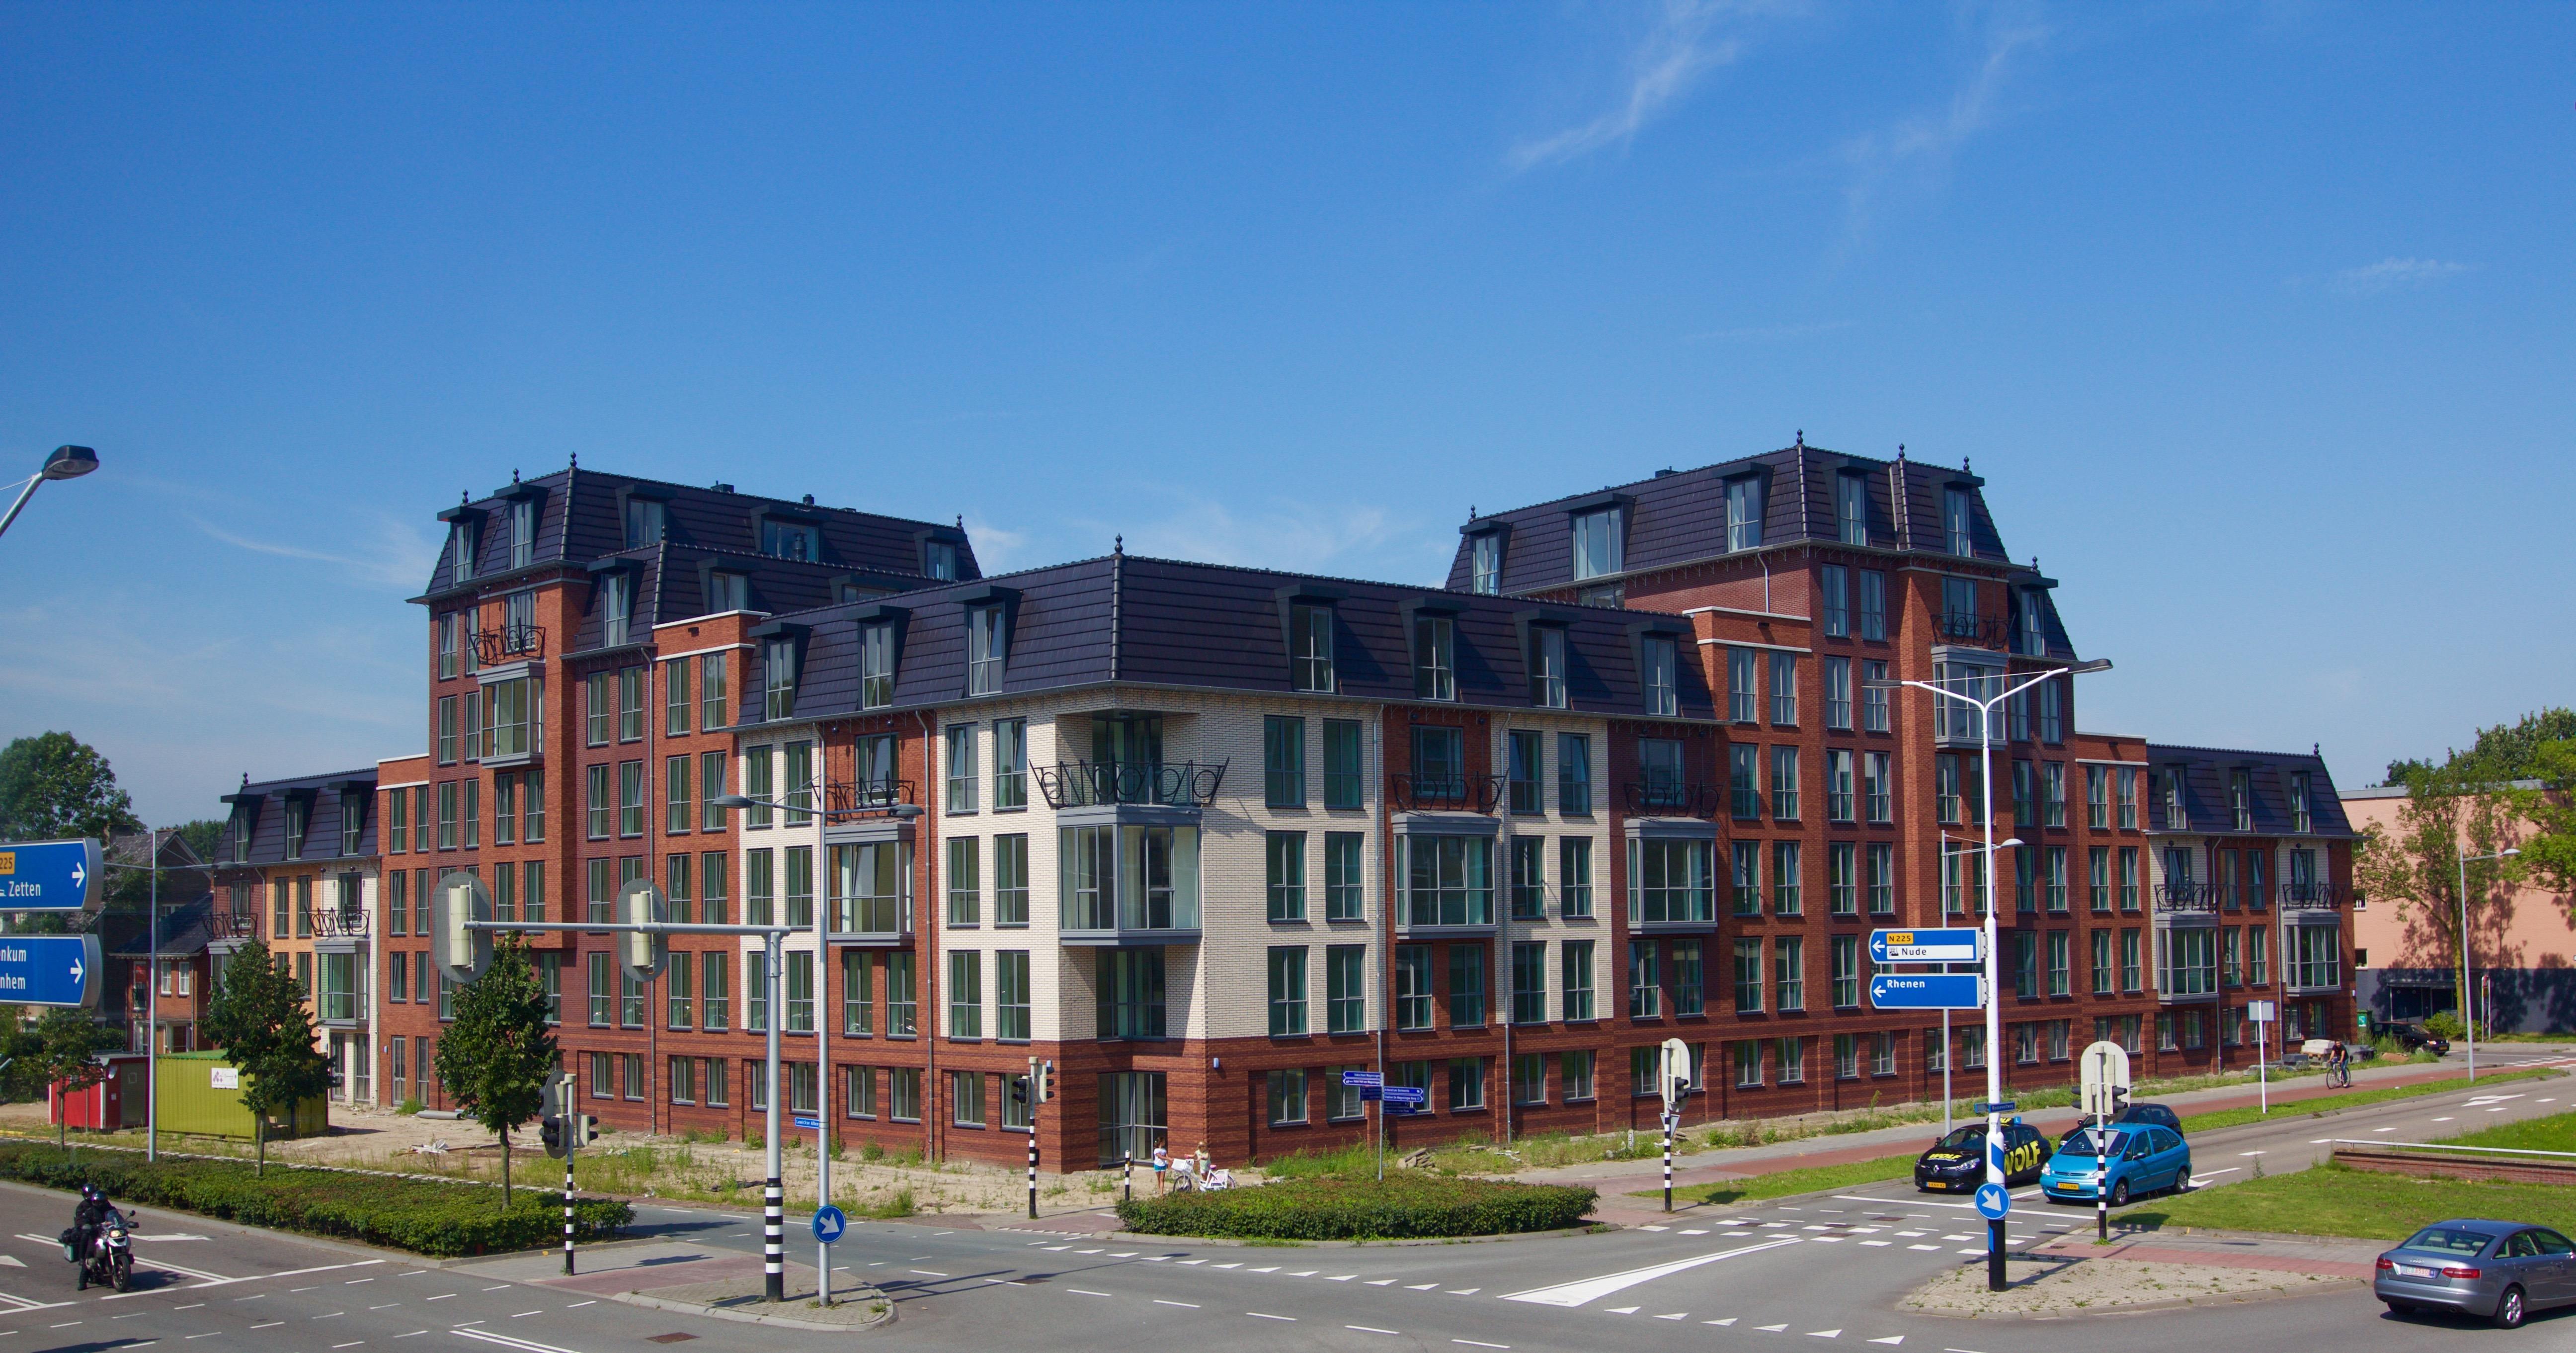 Lawickse-Hof-Javastraat-Wageningen